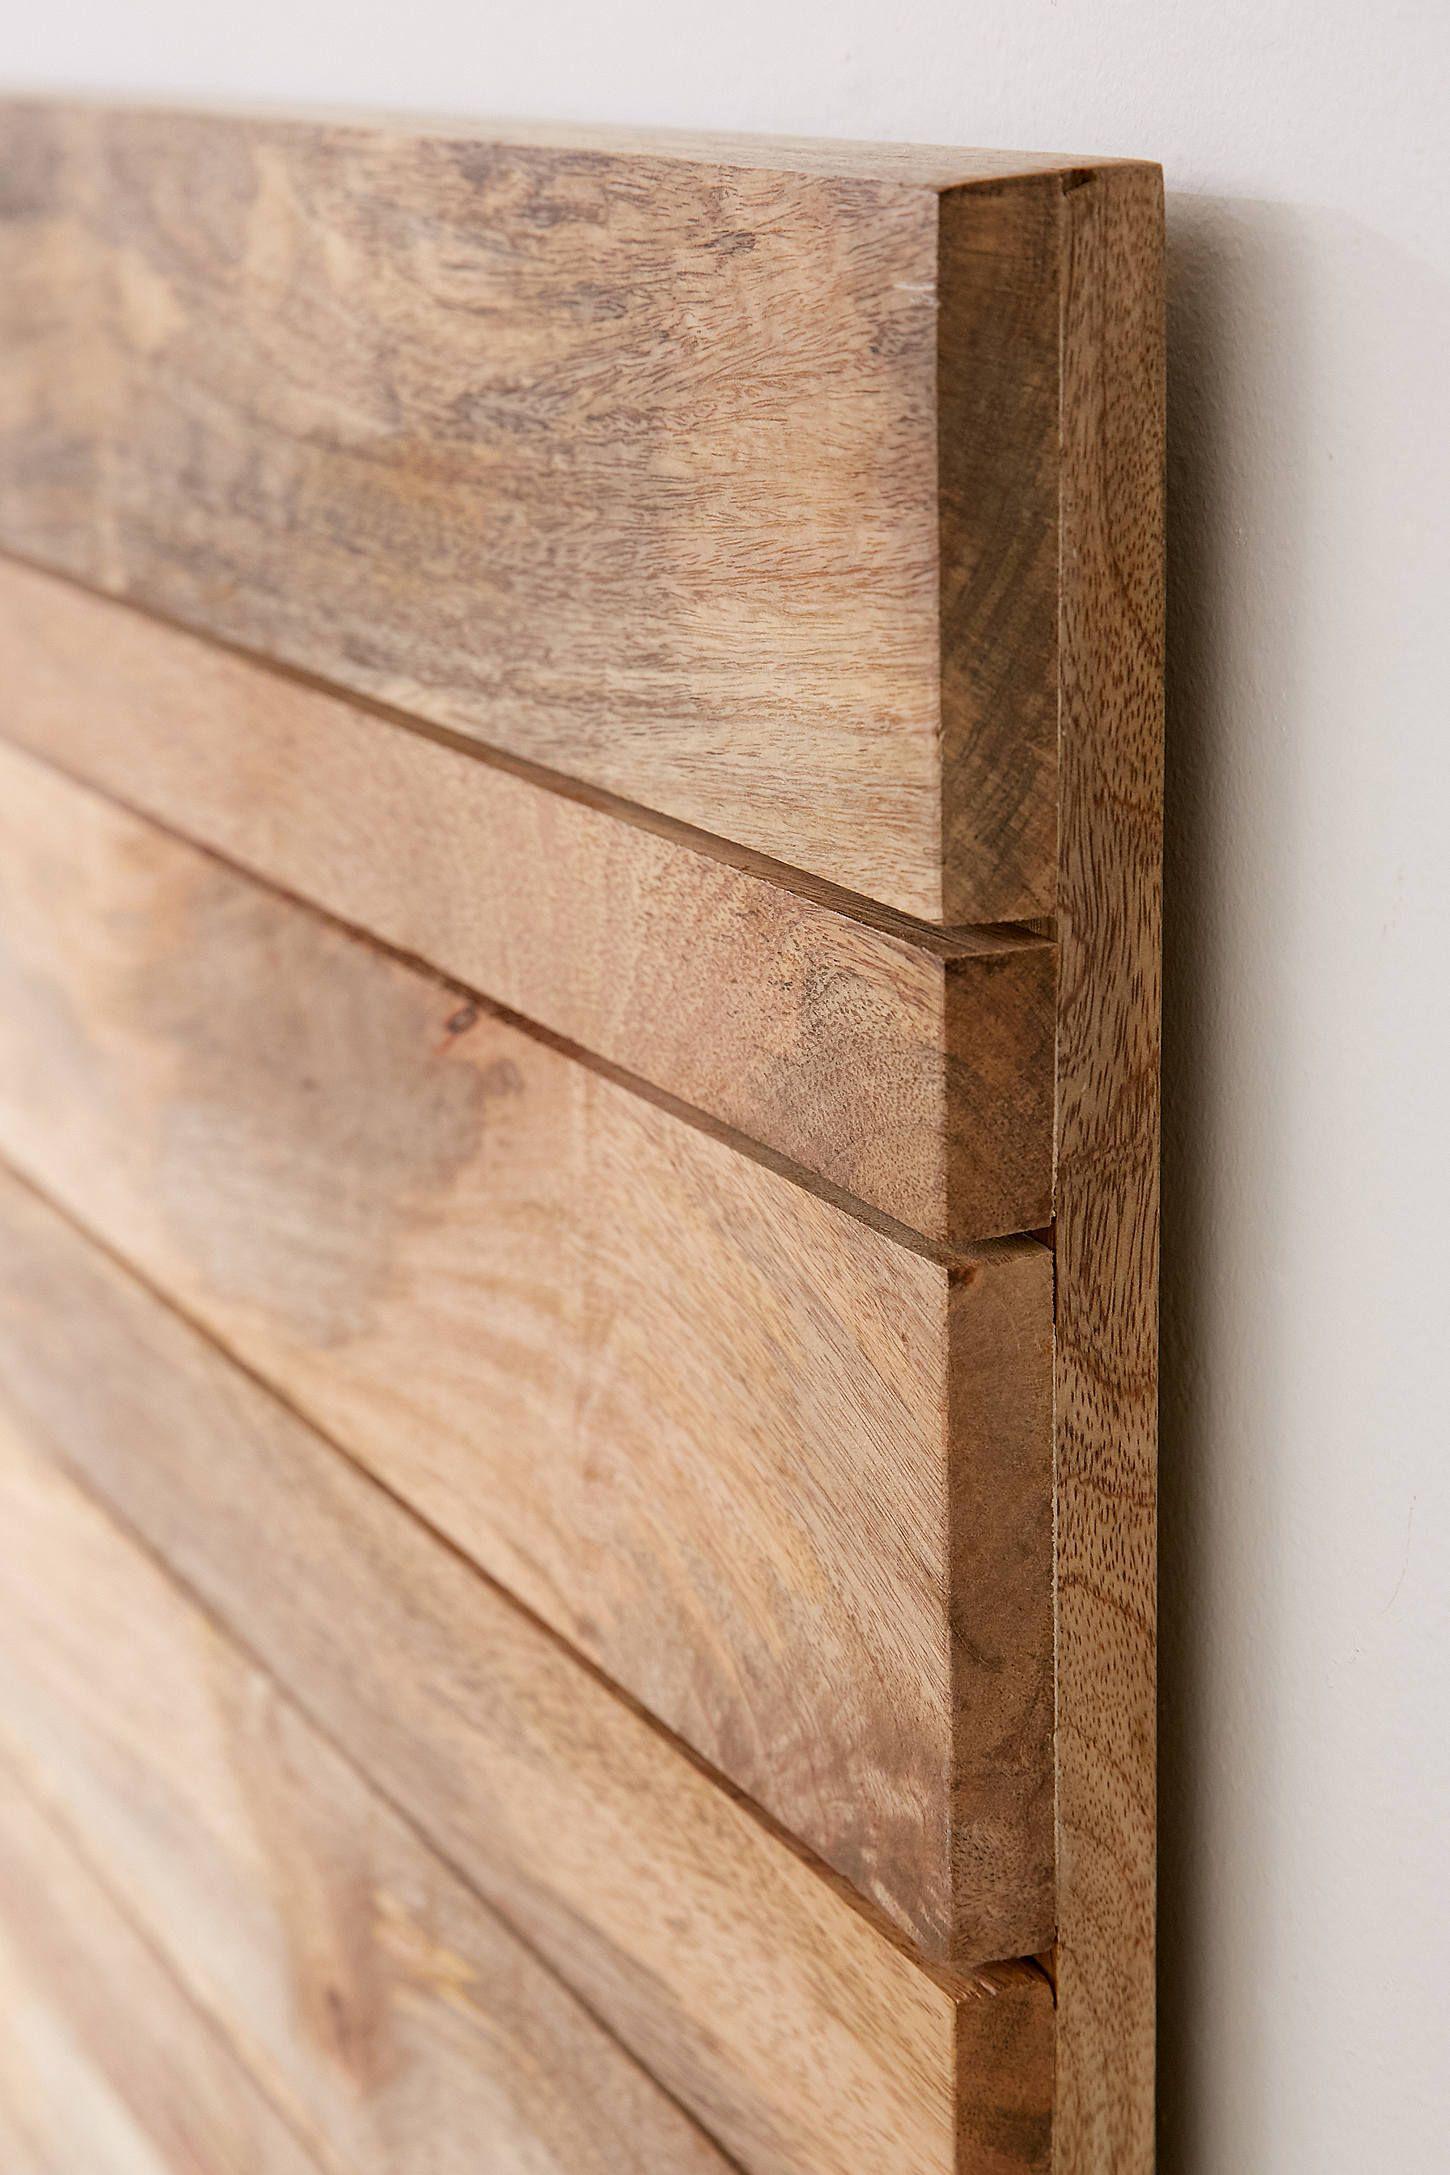 Slatted Wooden Headboard